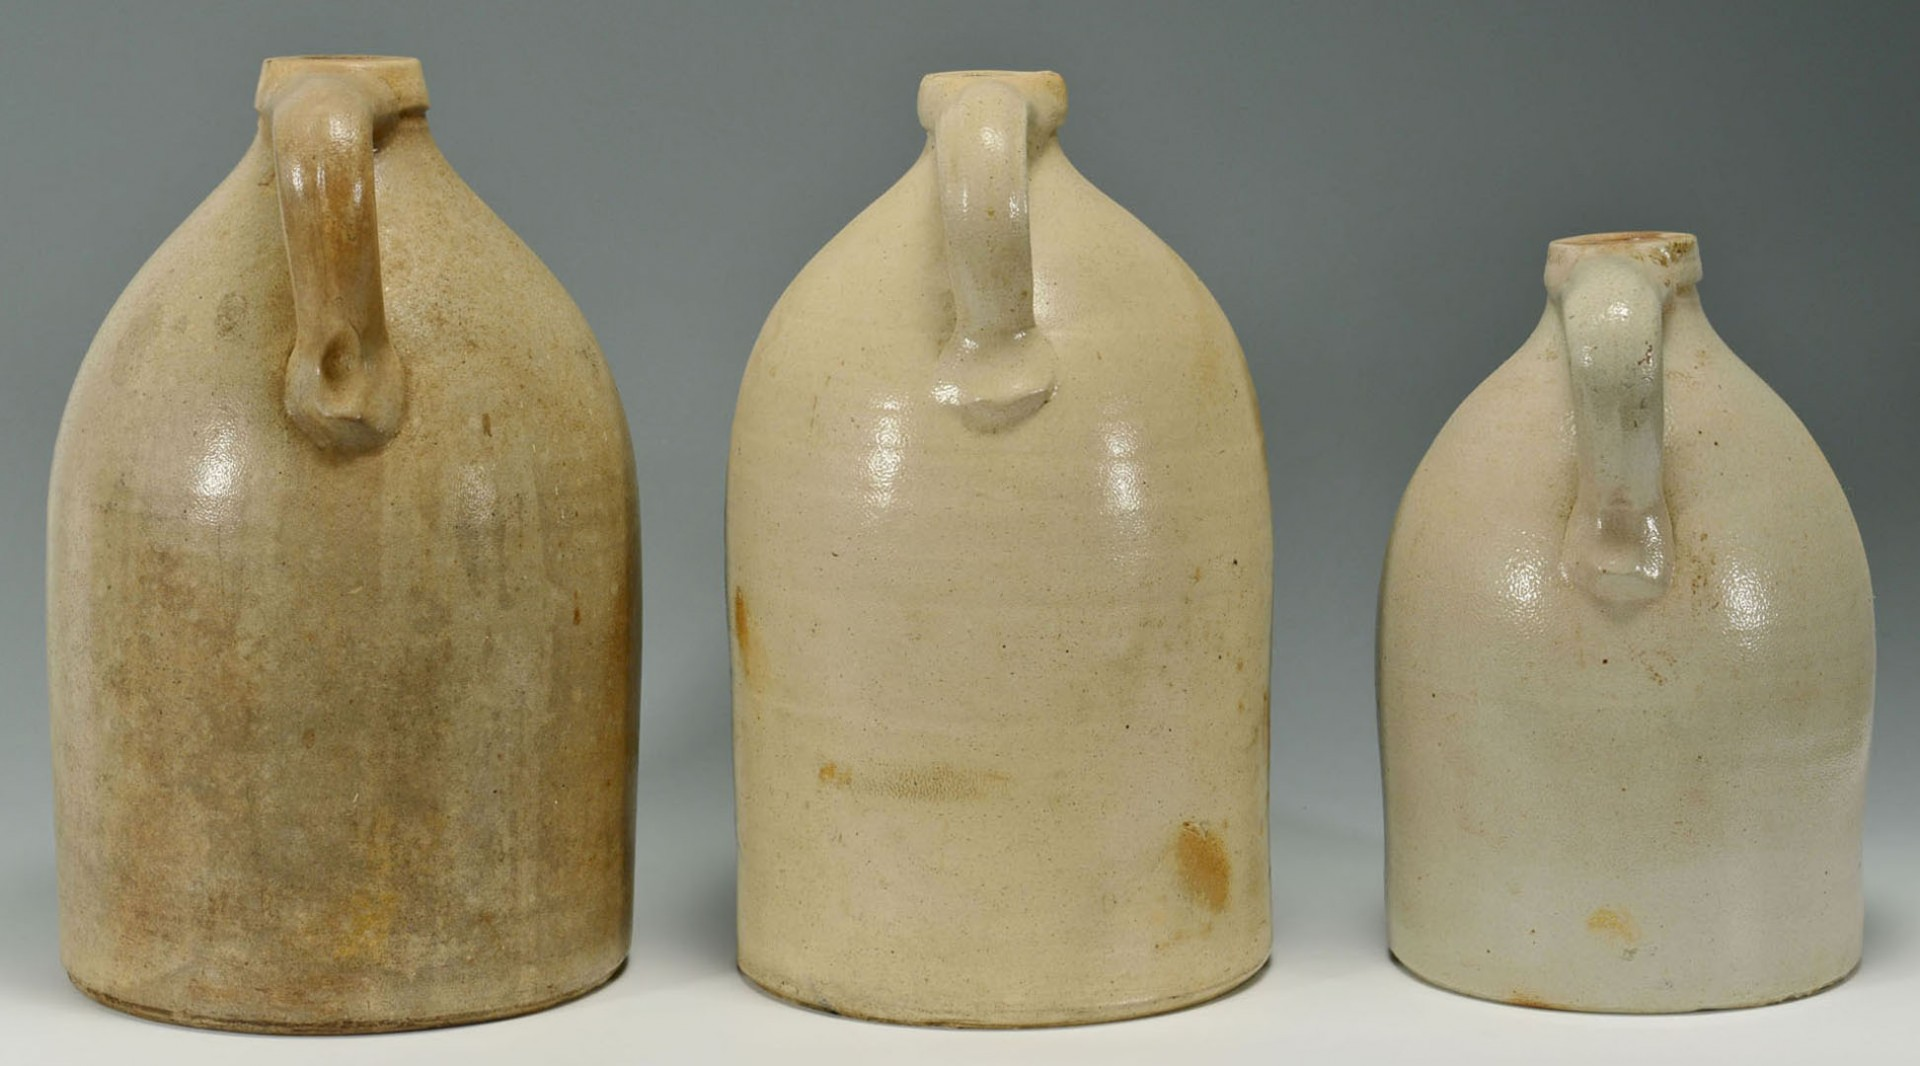 Lot 2872349: 3 Cobalt Dec. Stoneware Jugs, VT inc. Nichols & Bo